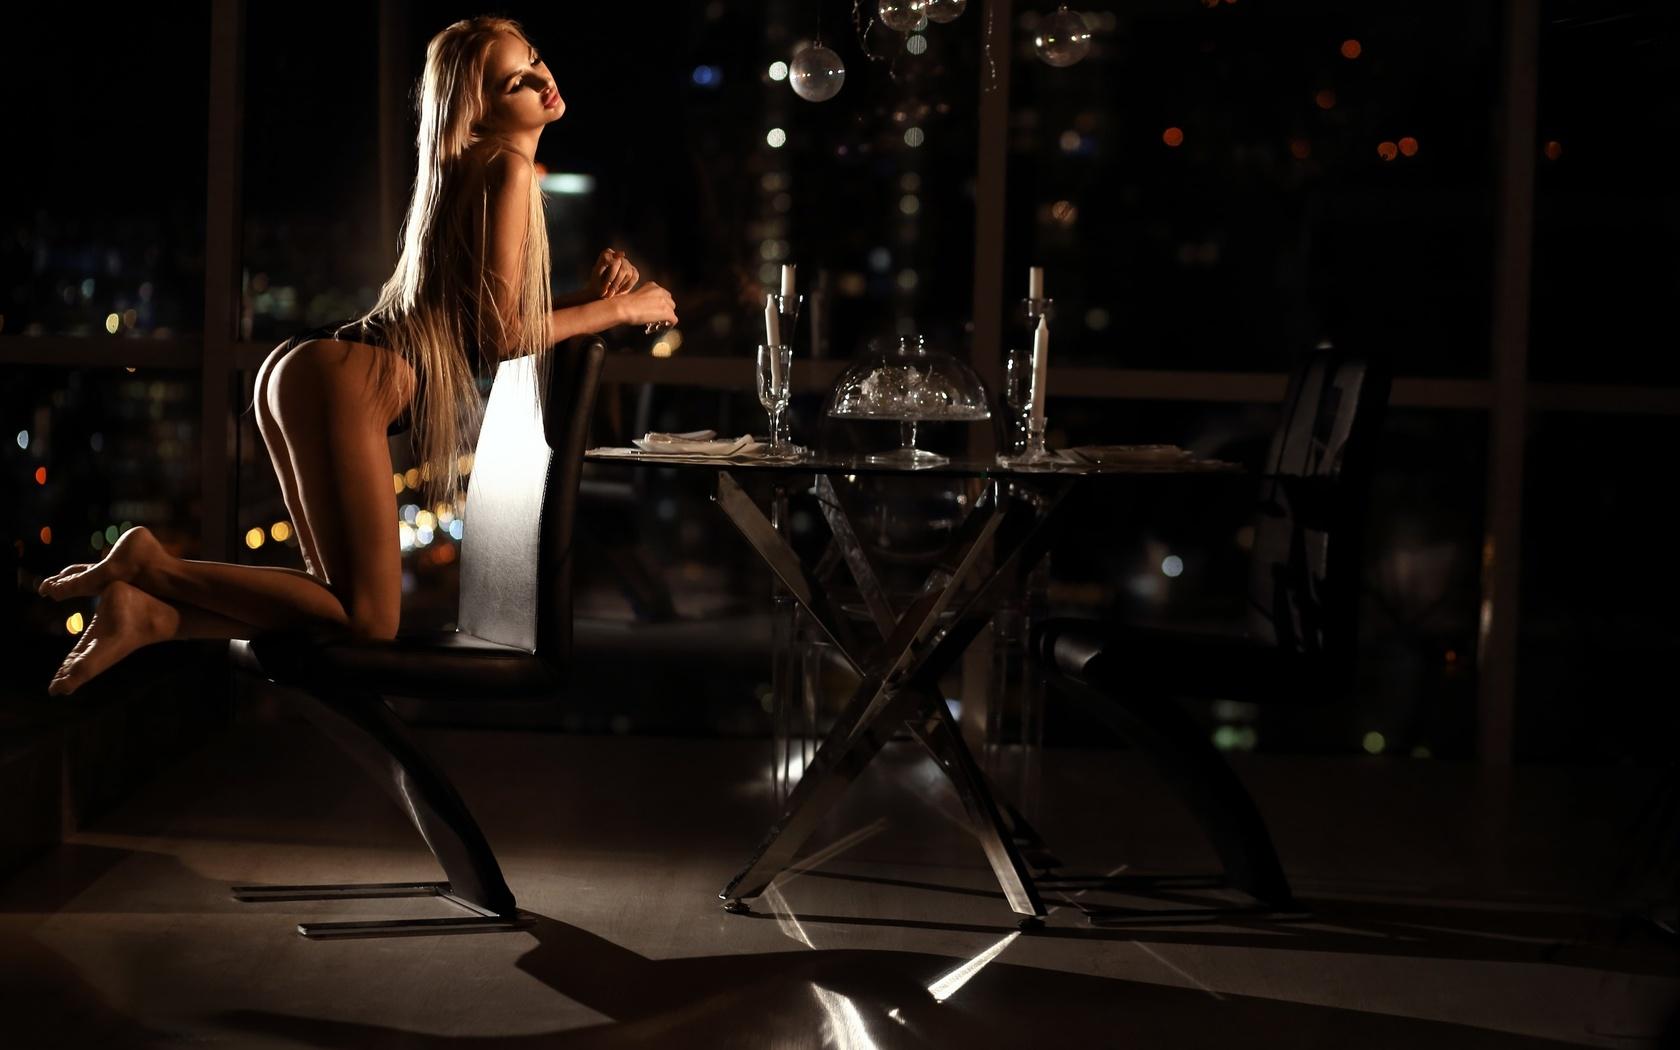 women, kneeling, brunette, blonde, ass, chair, table, long hair, candles, drinking glass, skinny, black lingerie, bokeh, ника мельн ,александр мельн